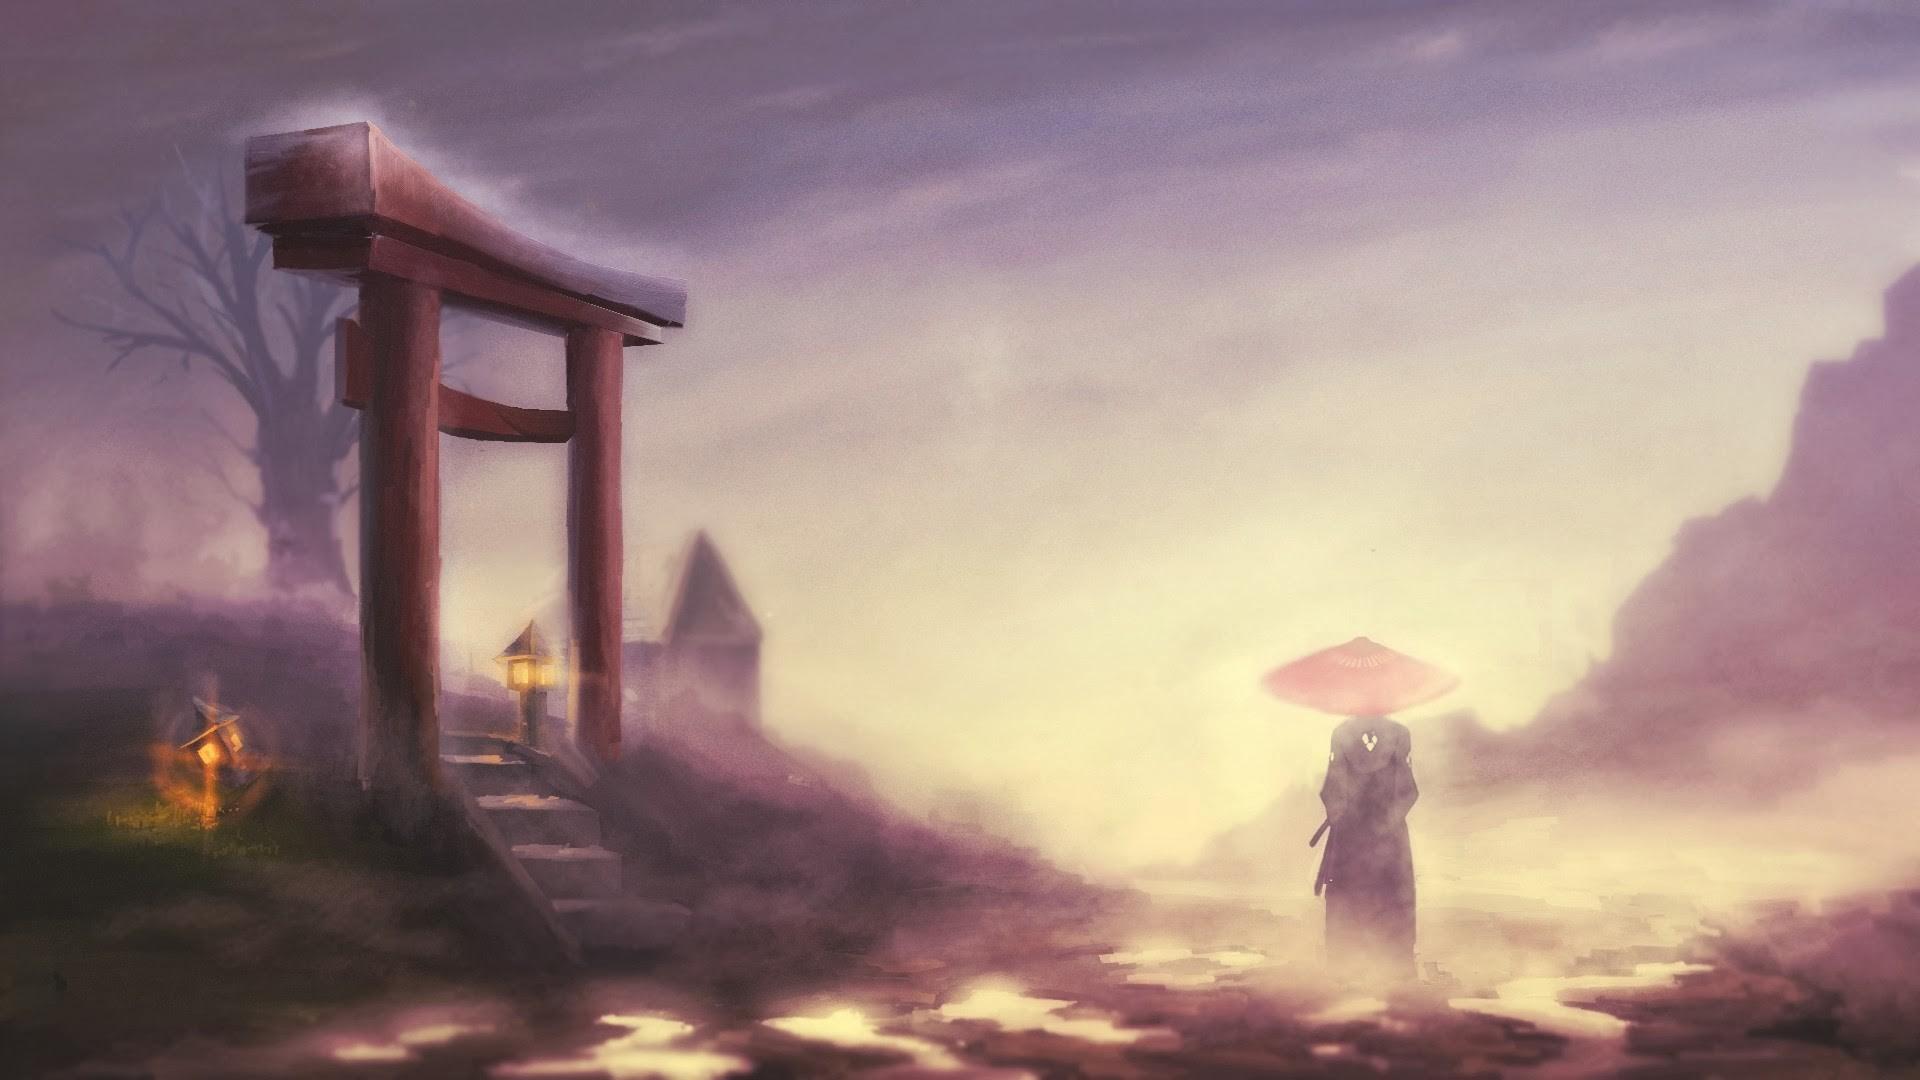 Samurai champloo, jin, туман, пейзаж обои скачать